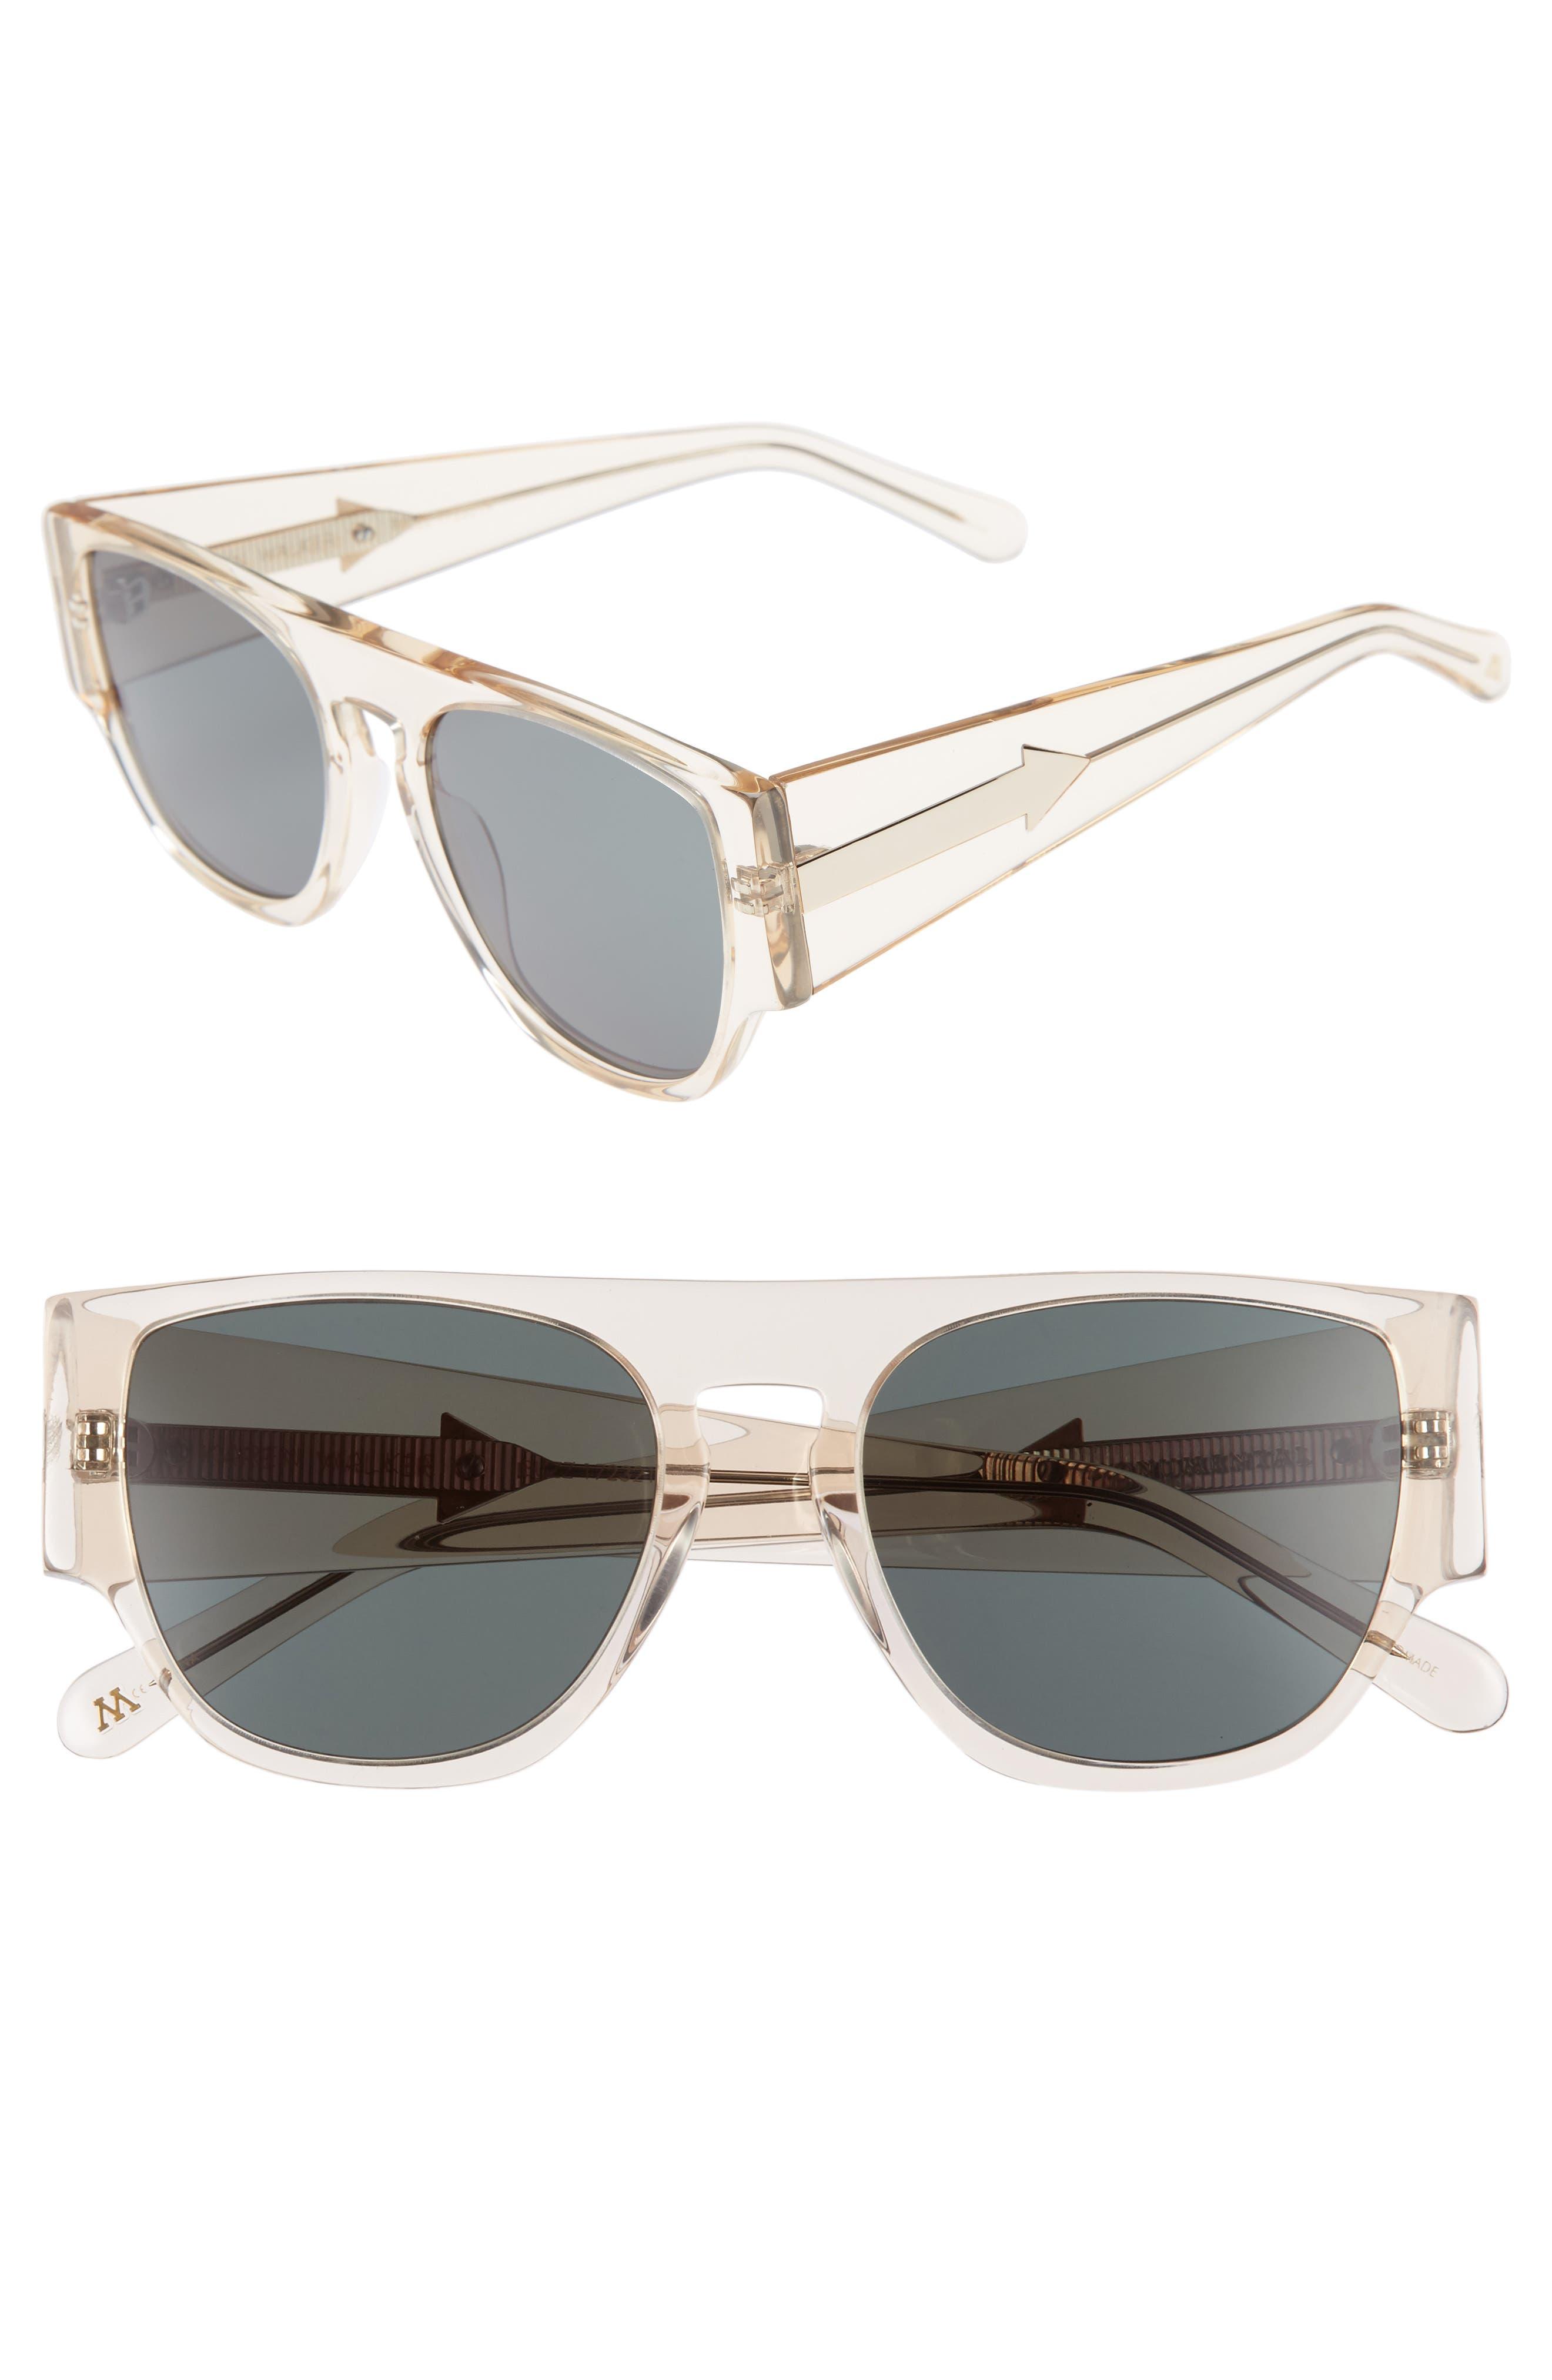 Karen Walker x Monumental Buzz 53mm Sunglasses